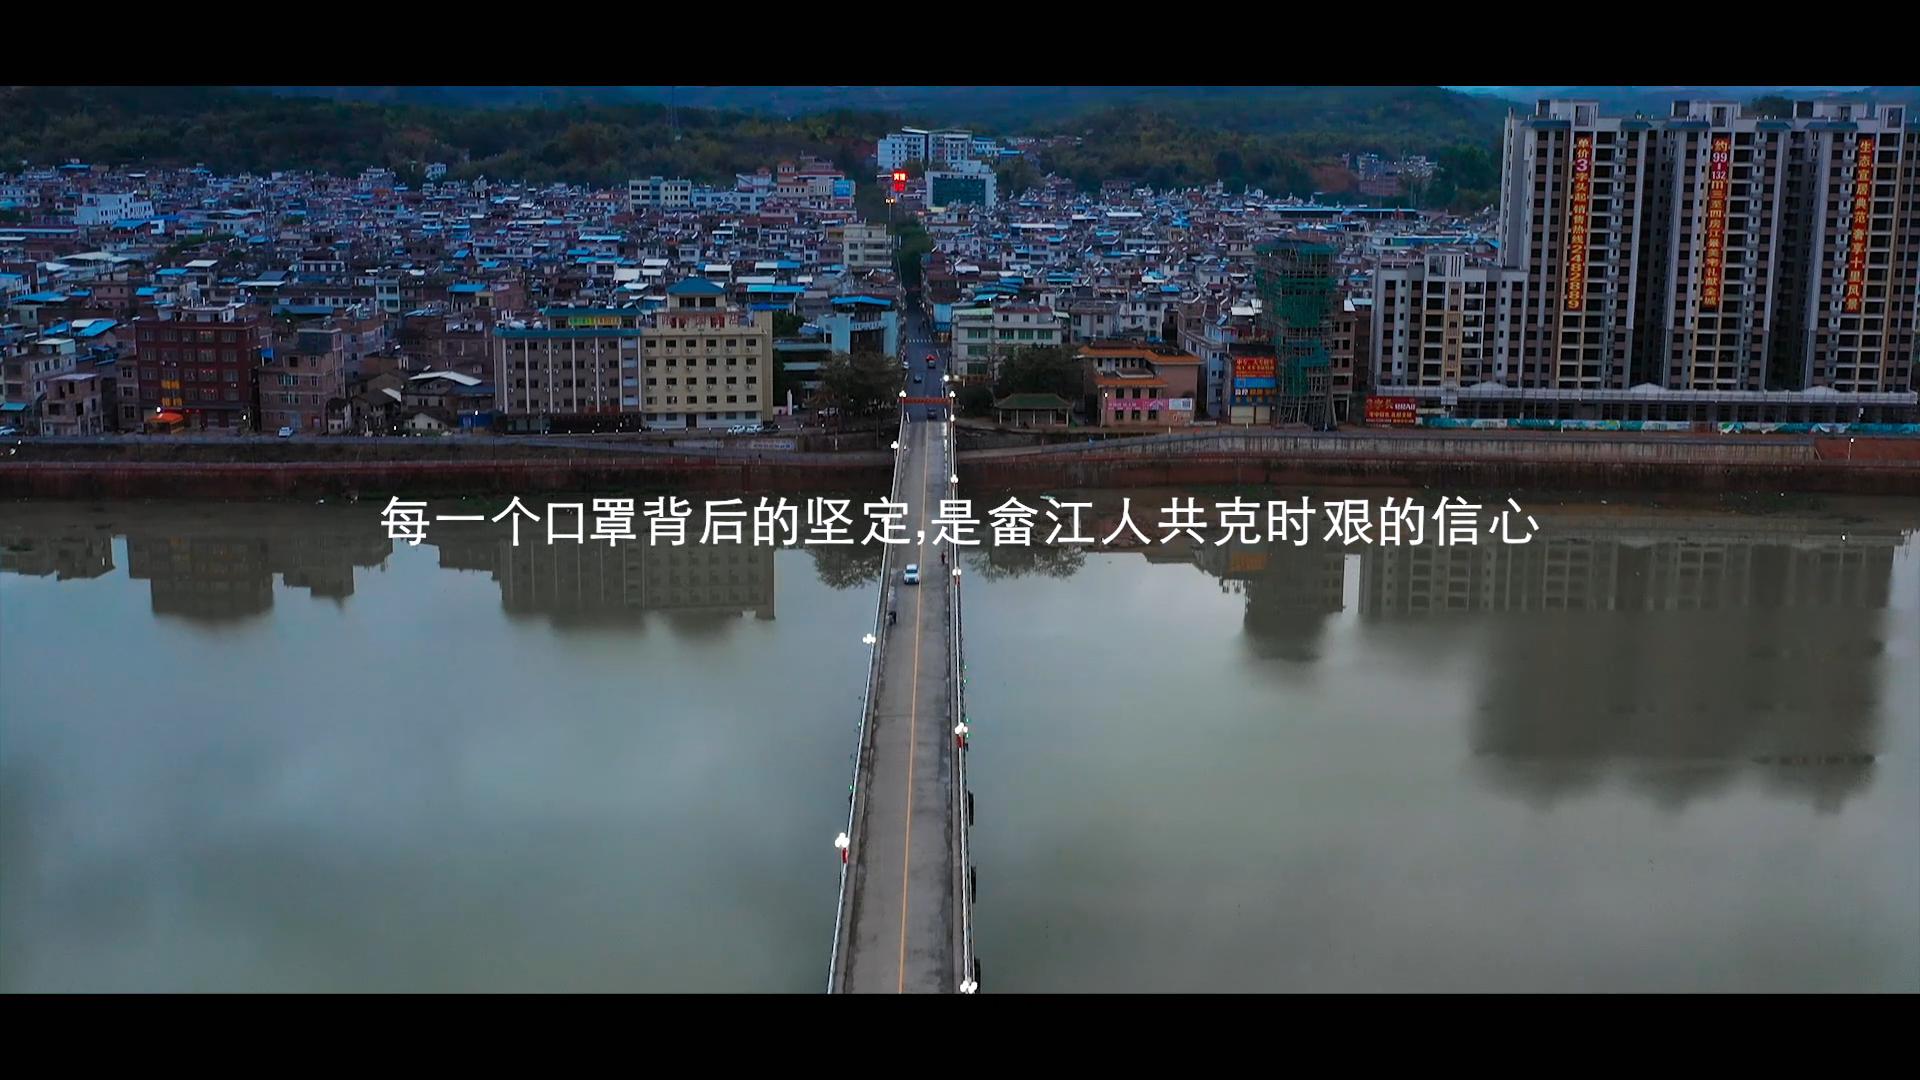 微视频|特殊时期的畲江,平凡而特殊的他们